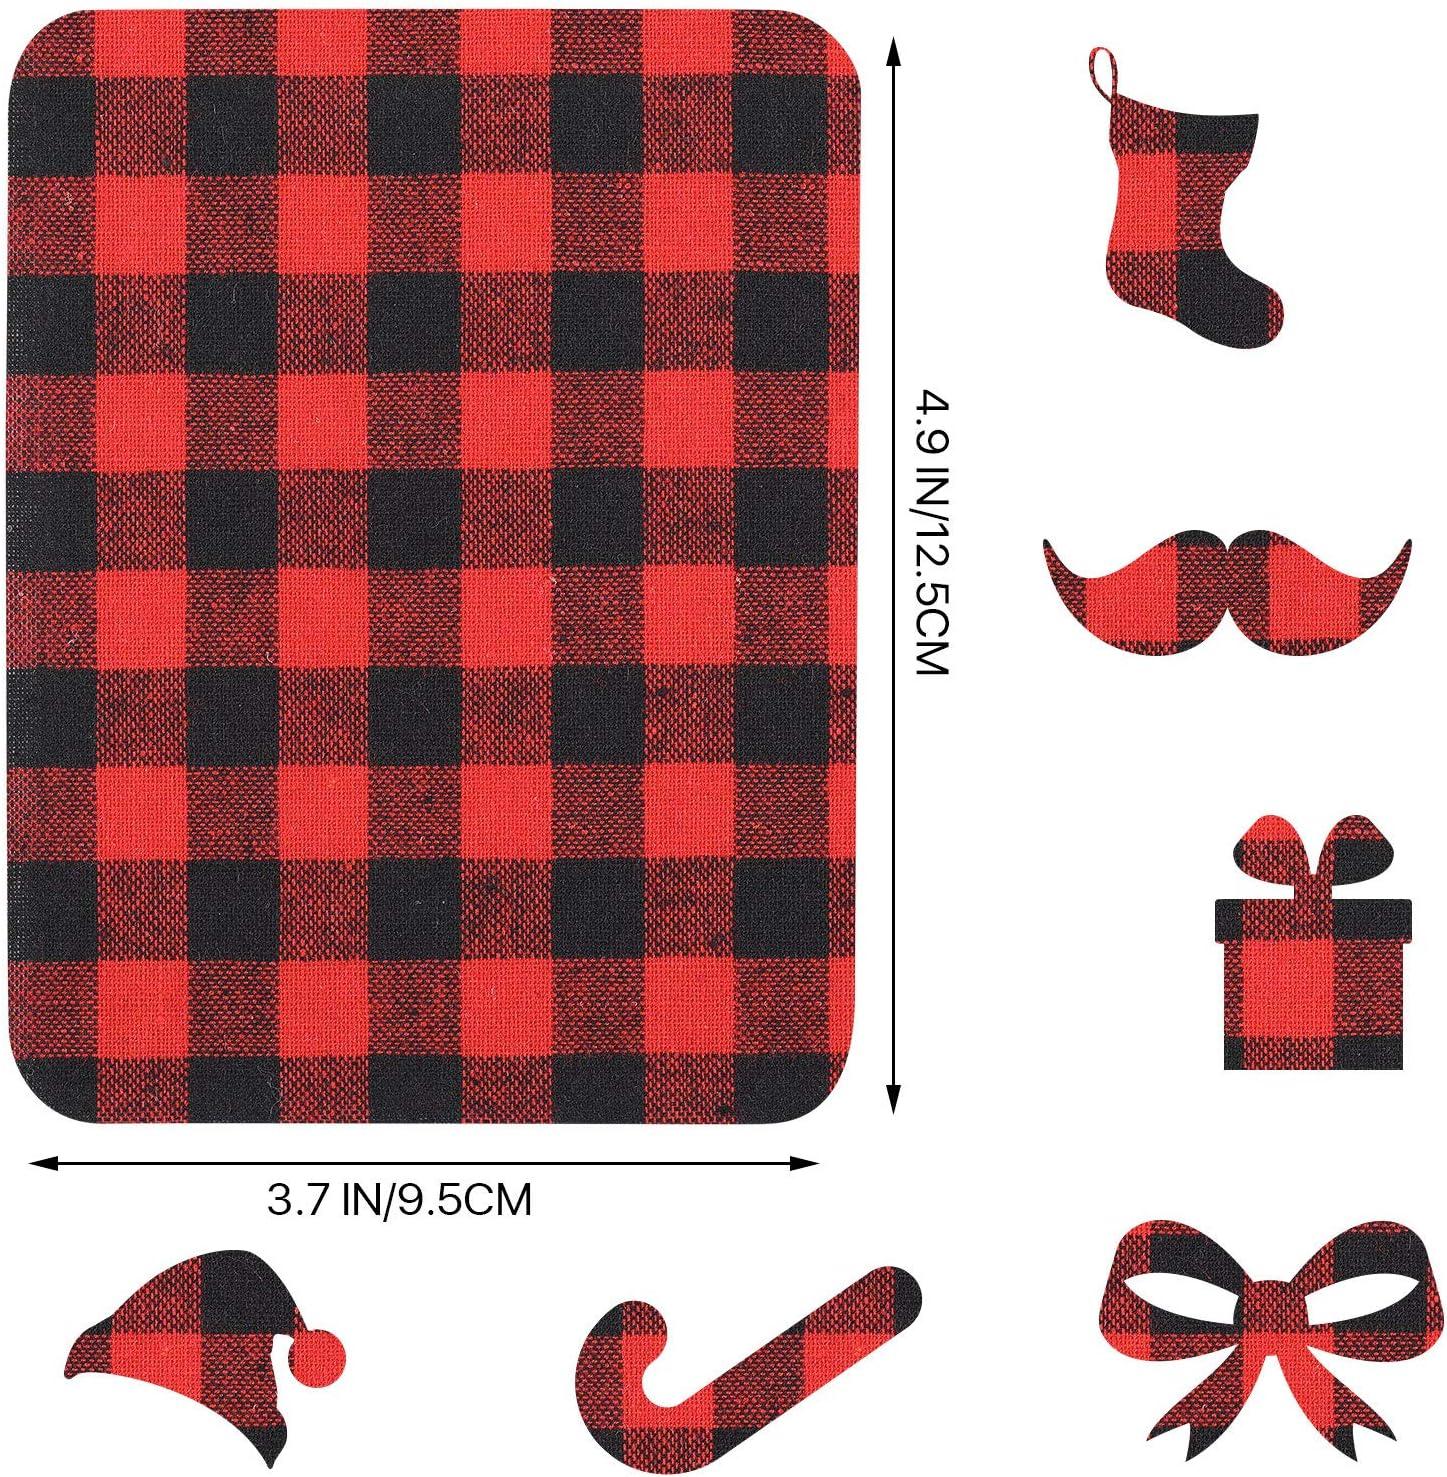 vaqueros pantalones 20 piezas Parches de tela de vinilo de b/úfalo para planchar o planchar para reparaci/ón de ropa de tela de cuadros 4.9 x 3.7 pulgadas chaquetas